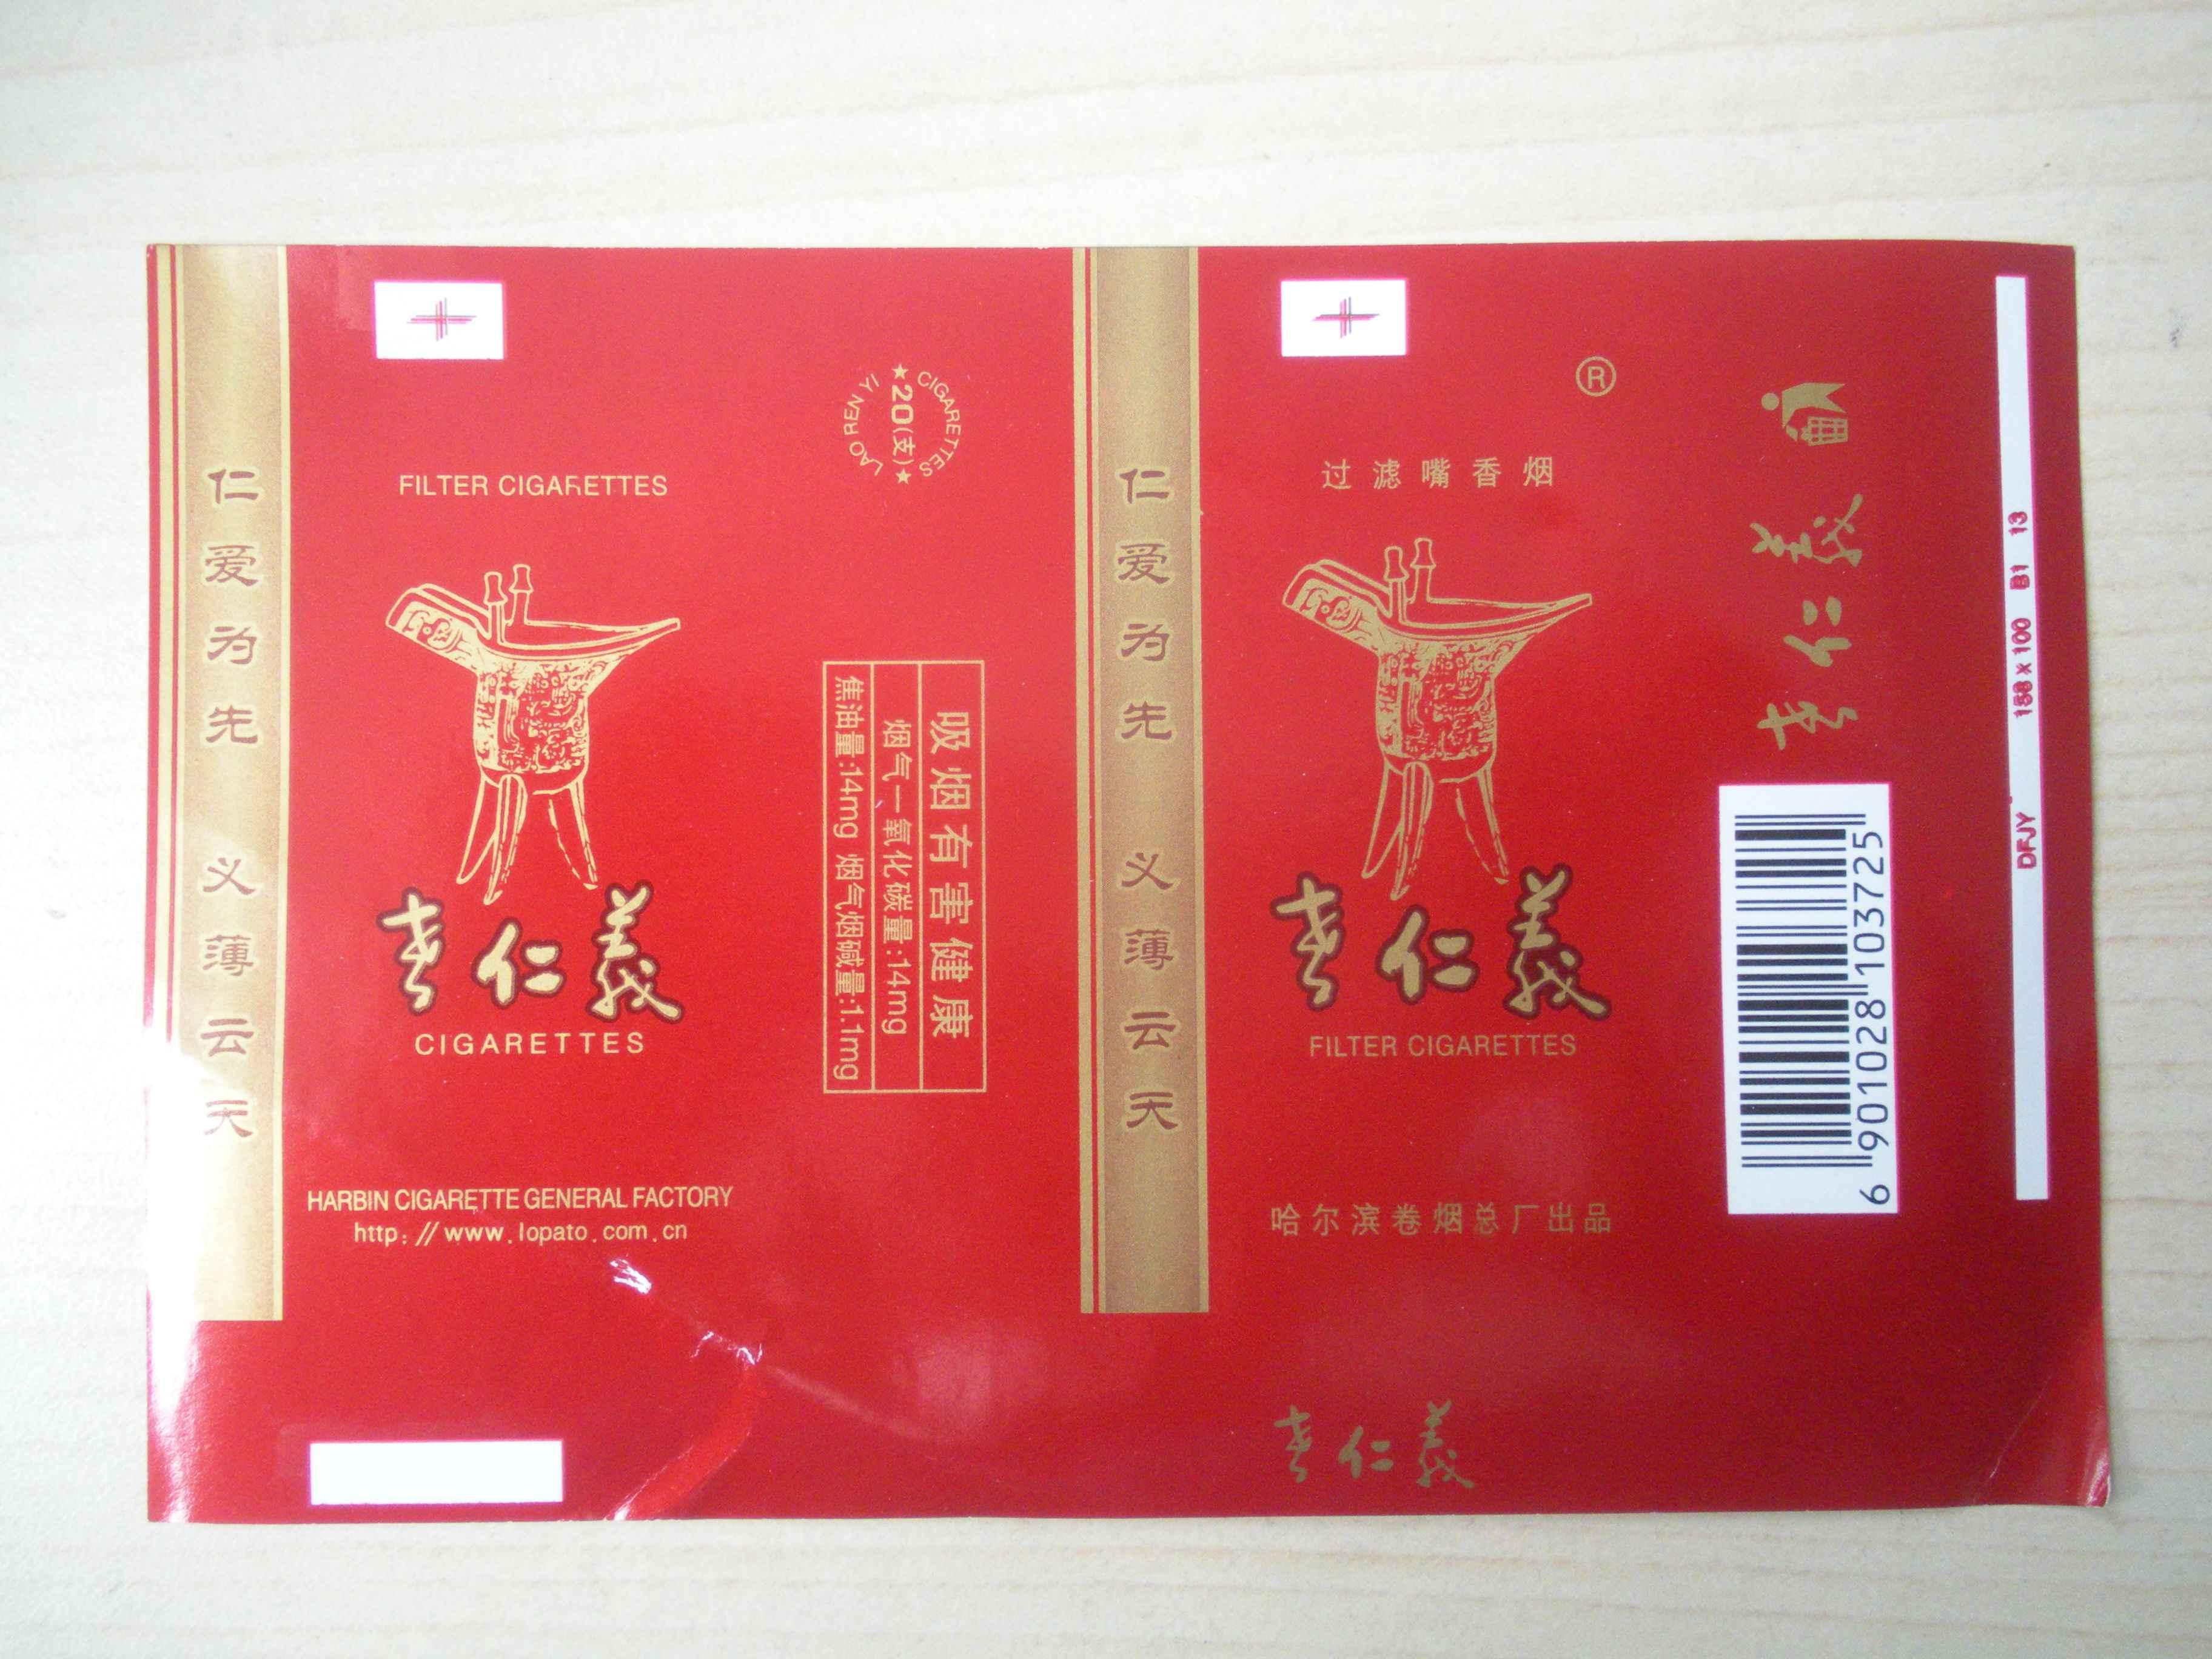 烟标 中国烟标信息网 东方烟标 华夏烟标 烟标收藏 ...